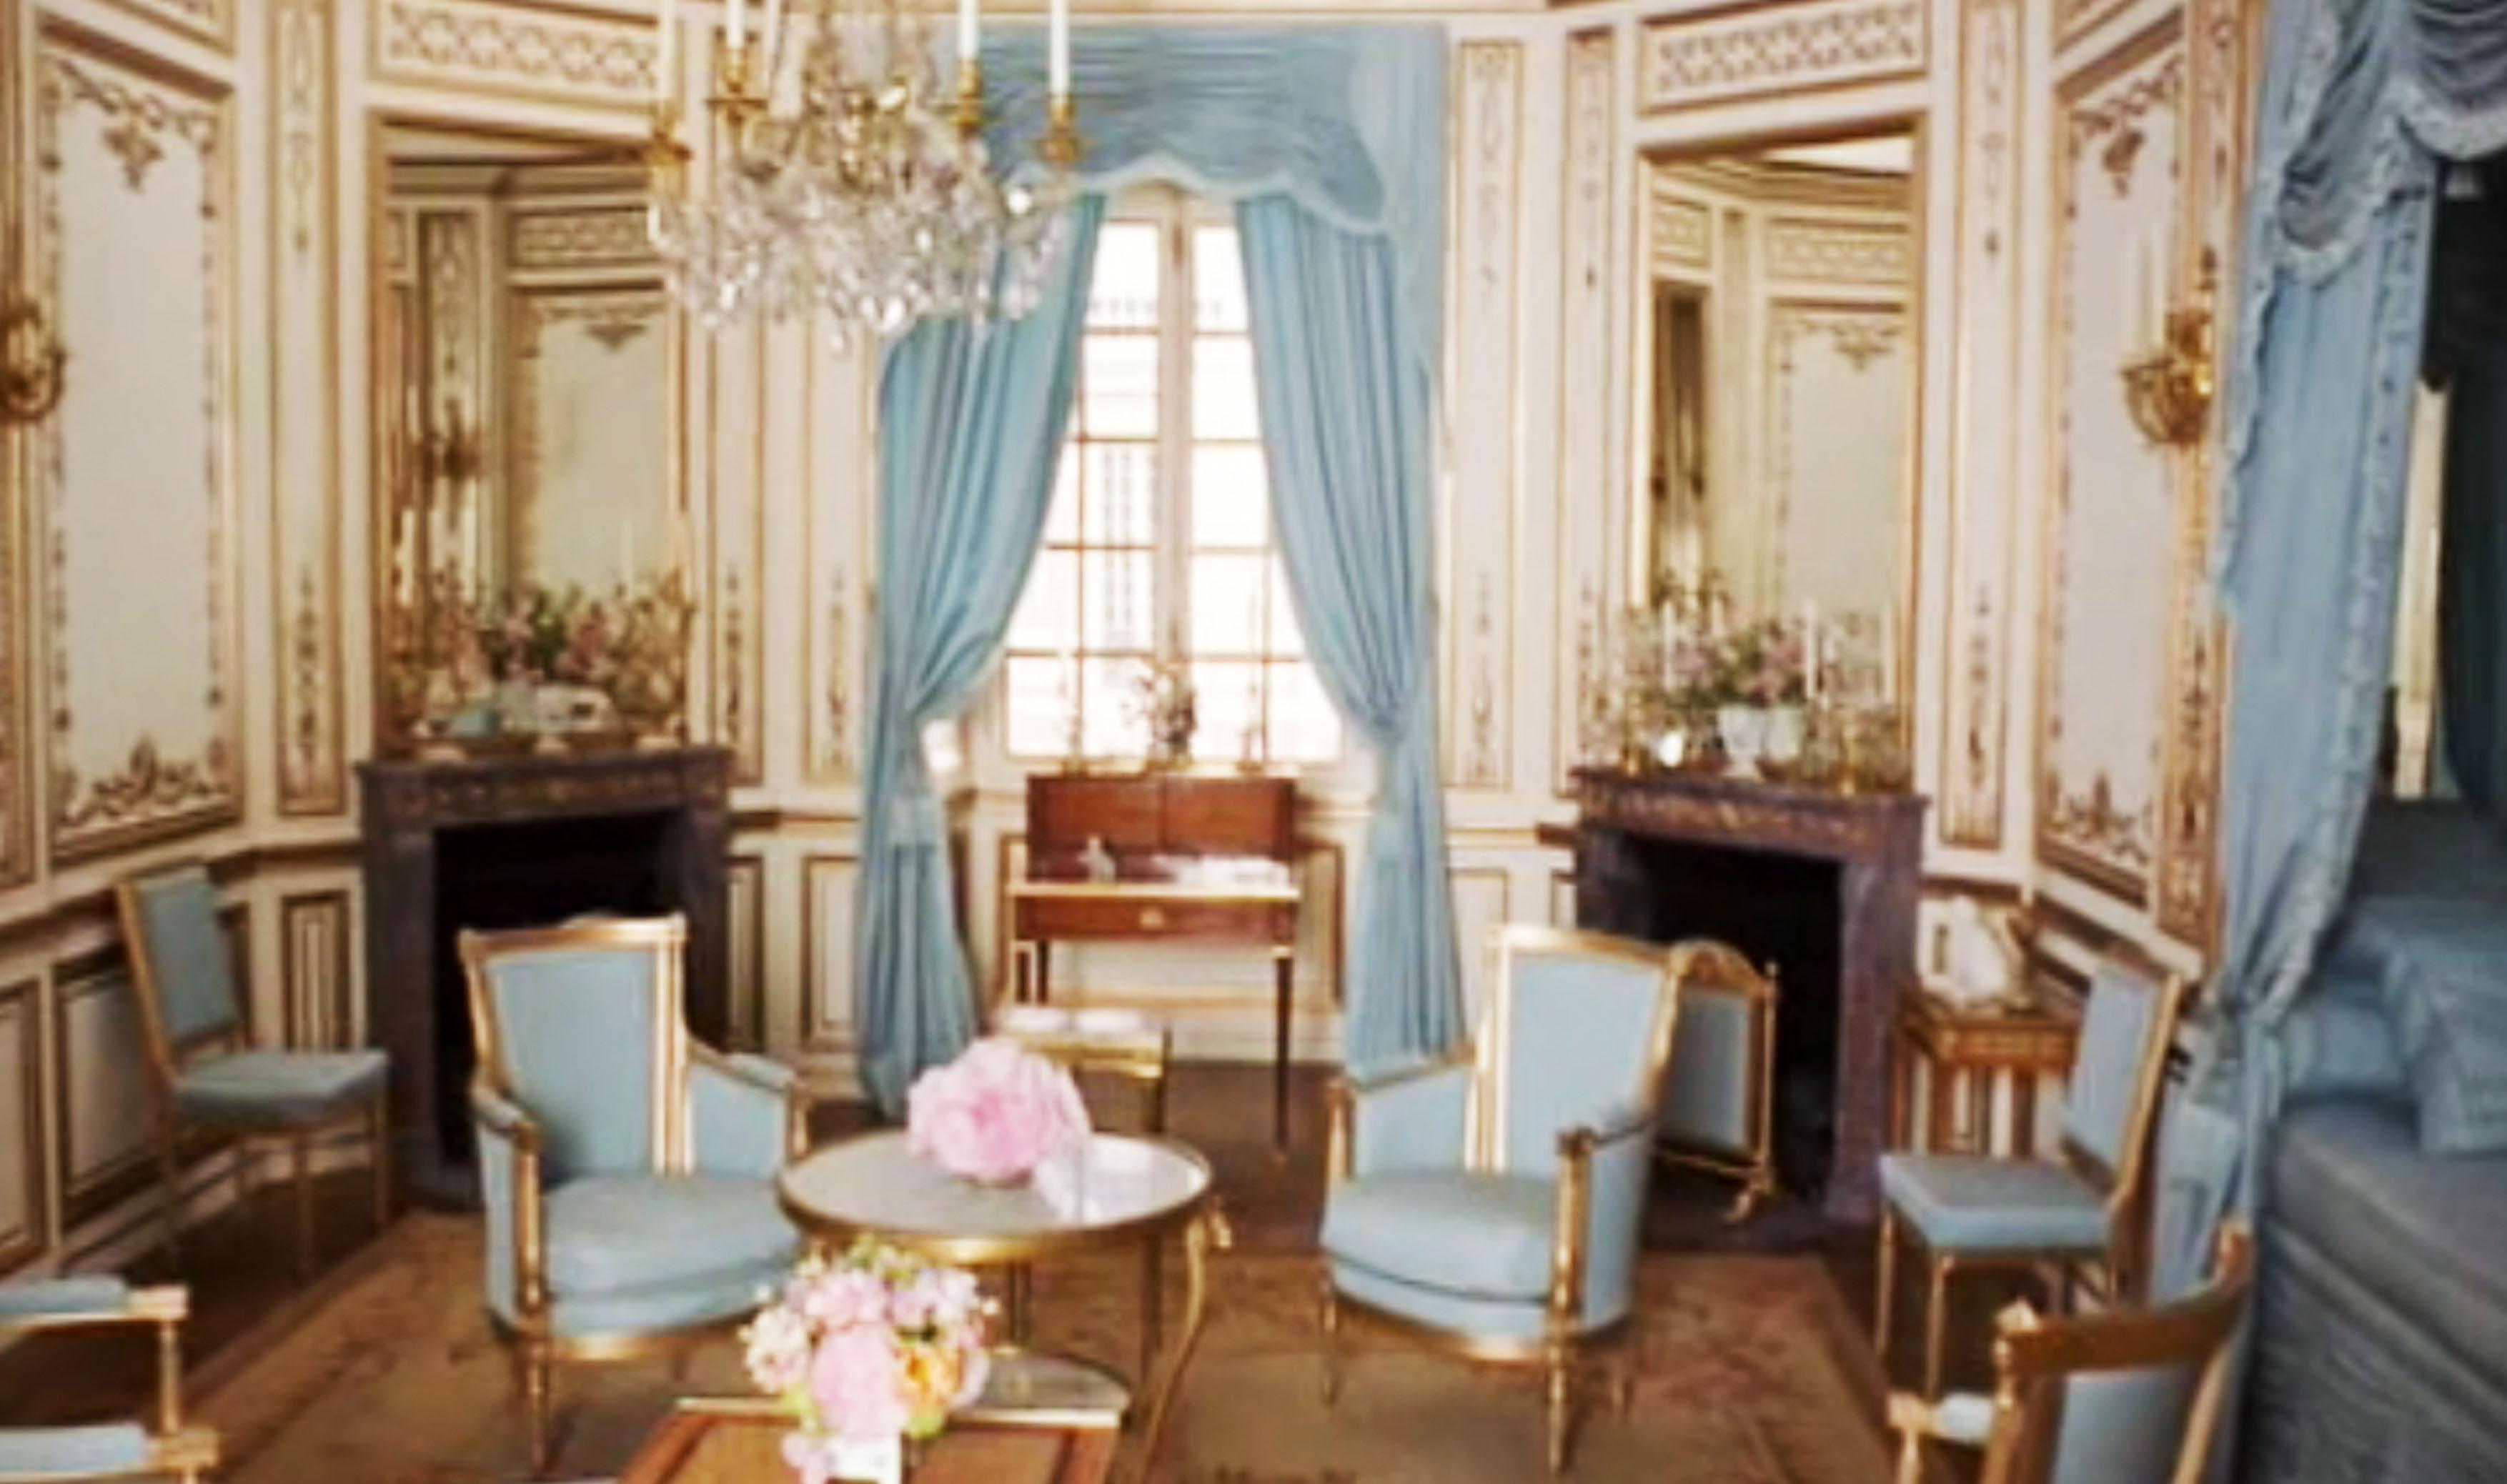 Los interiores son importantísimos en la película. Marie Antoinette llega a Versailles, abre una puerta camuflada con tela en la pared de su dormitorio y ve